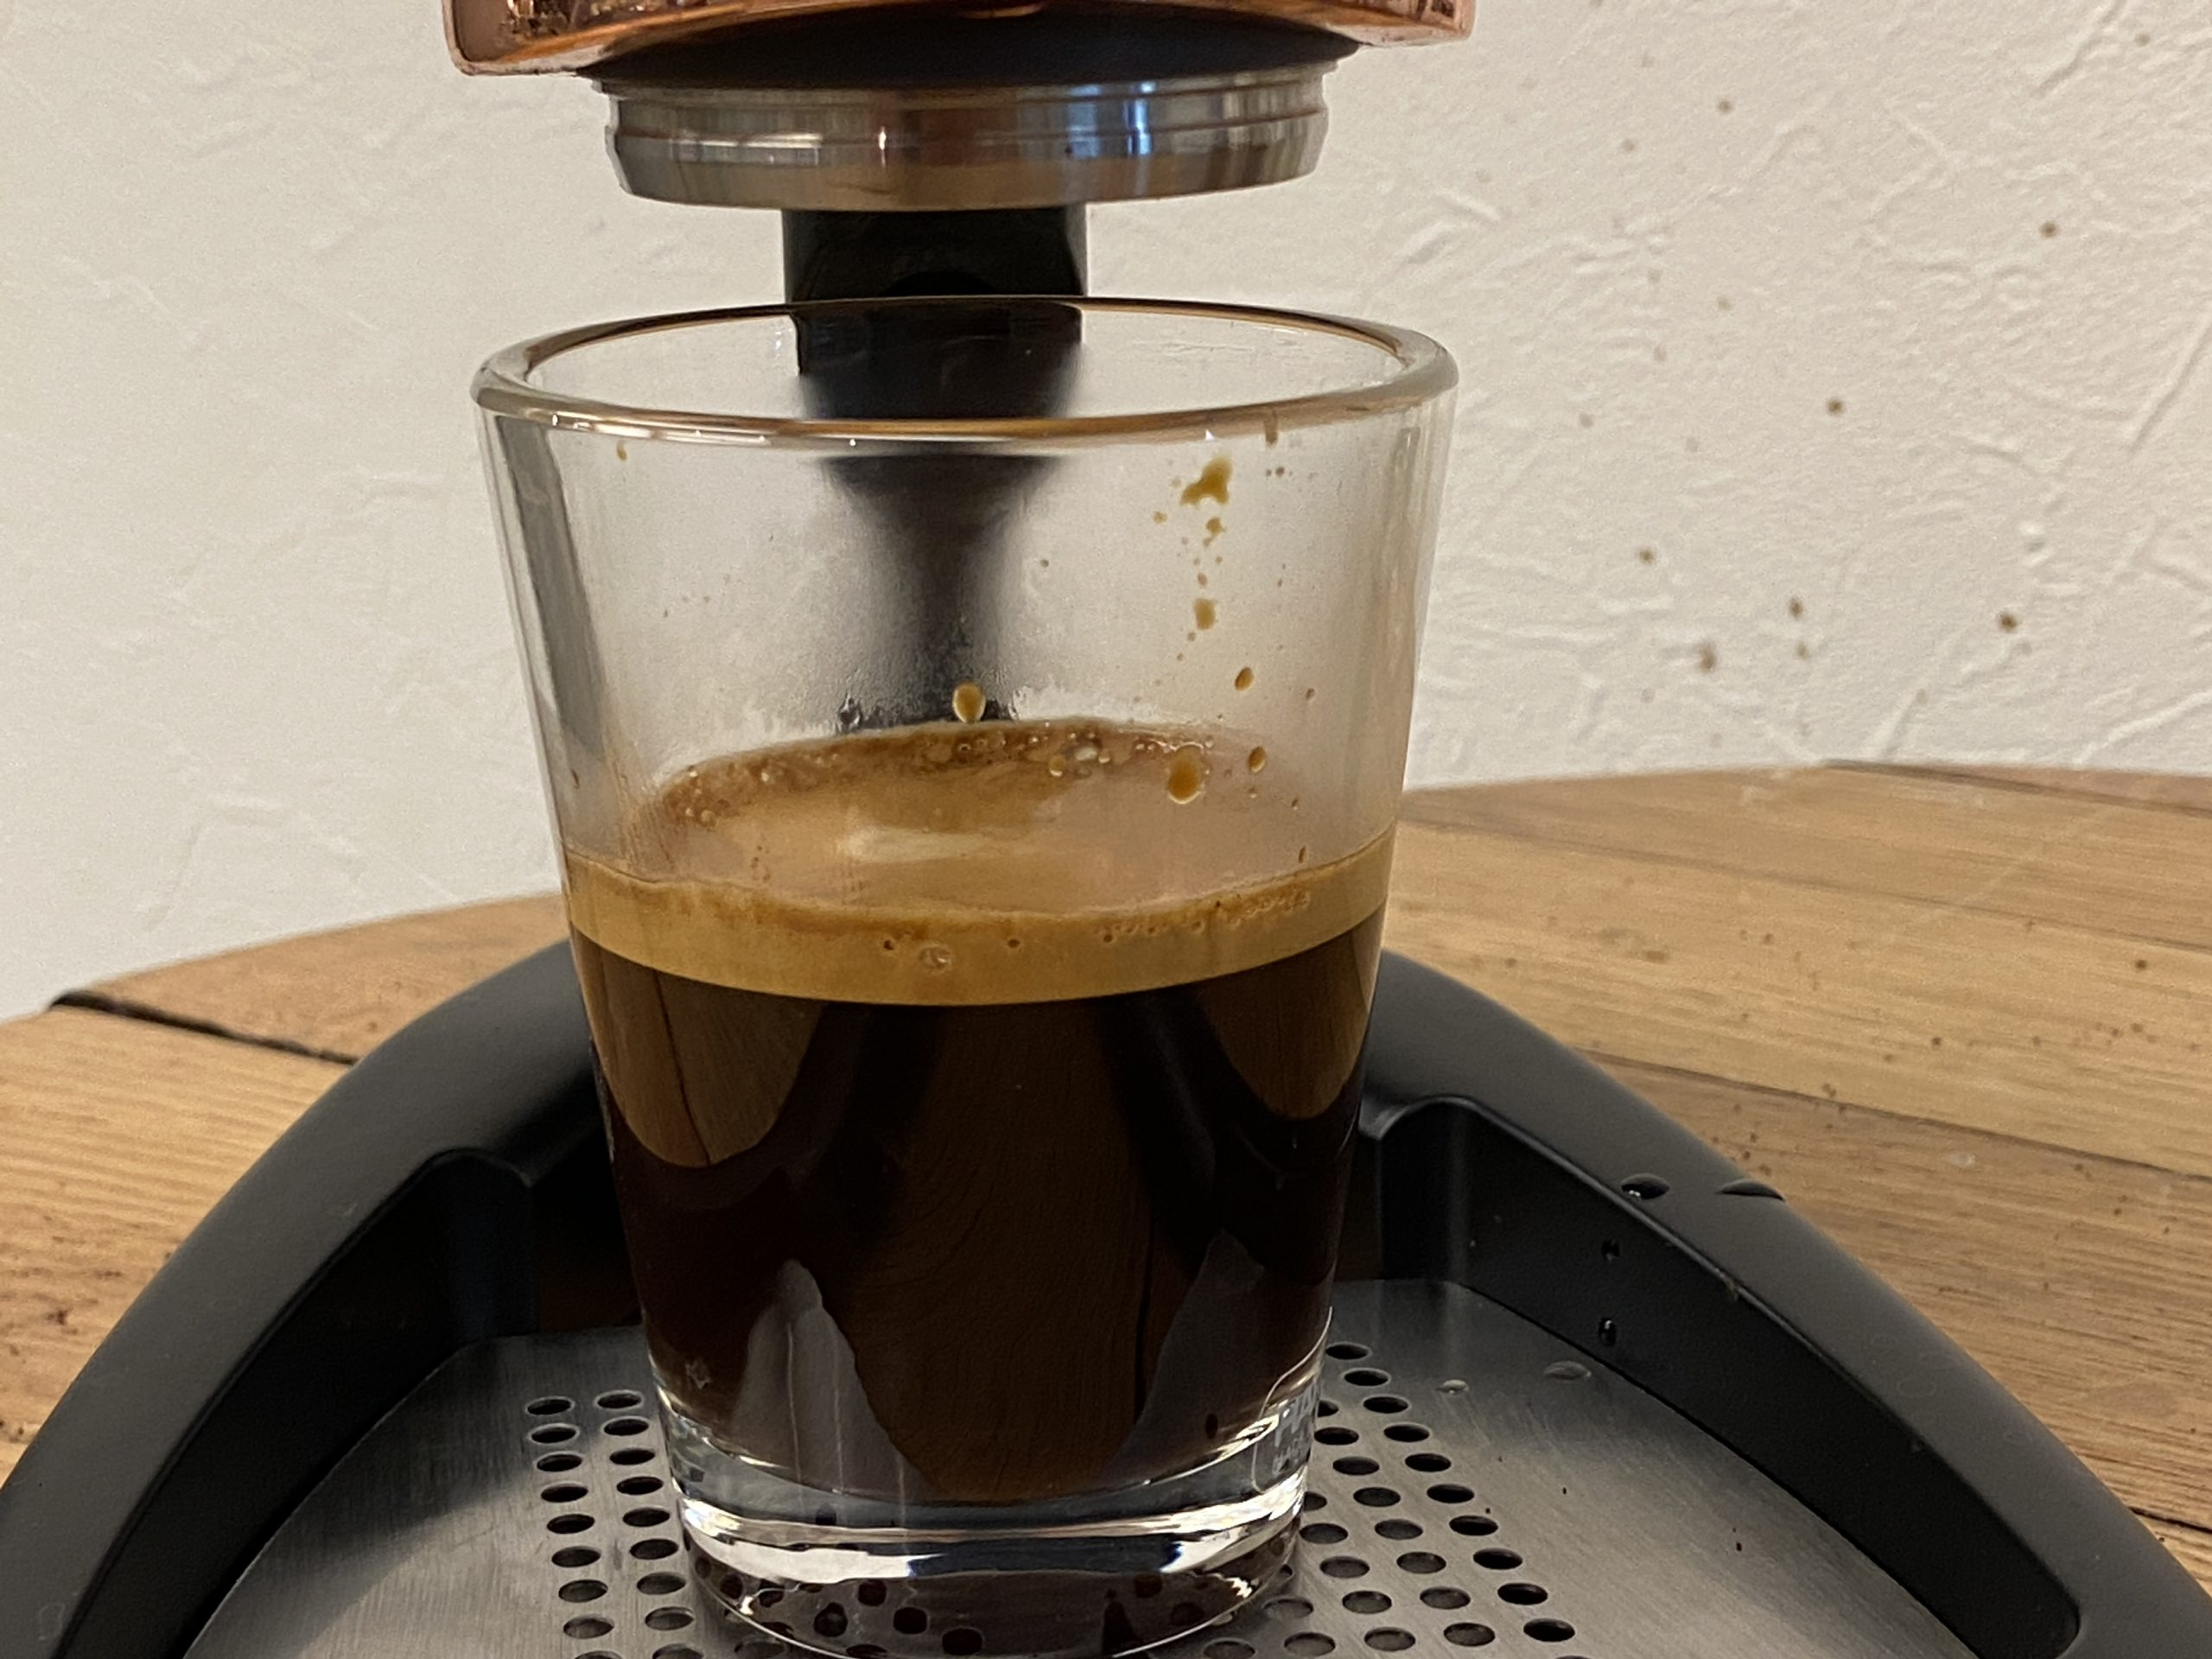 自宅で本格エスプレッソ!Flair Espresso Maker「Flair PRO 2」